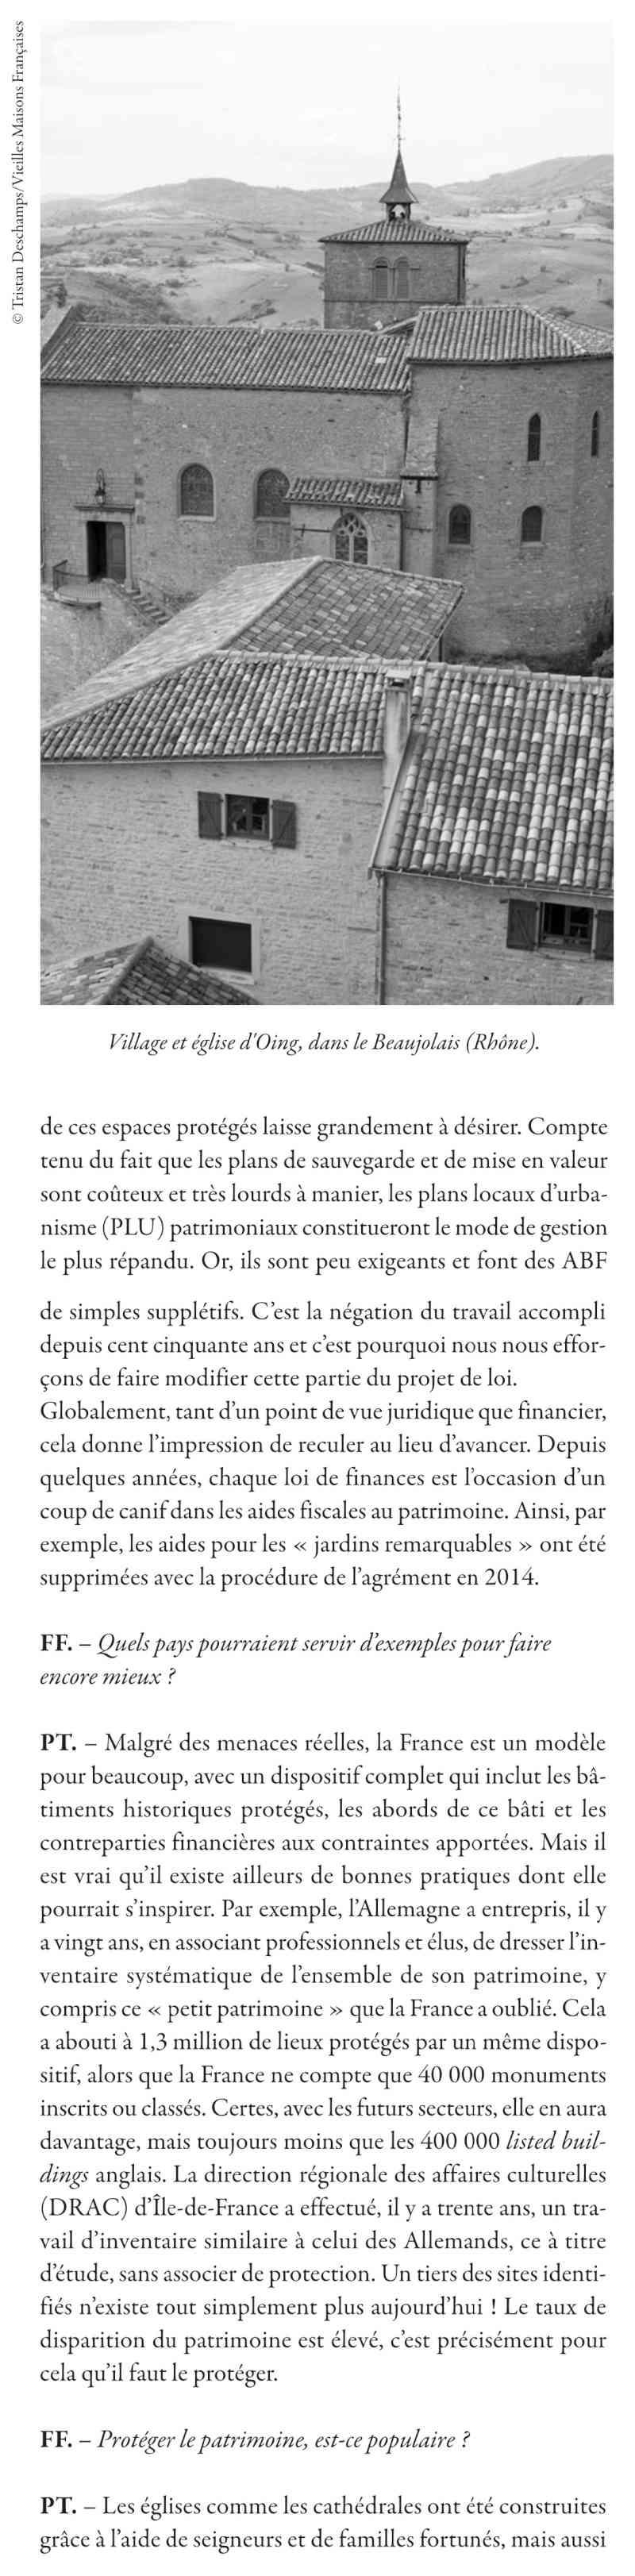 Les VMF et la protection du patrimoine par Philippe TOUSSAINT 213